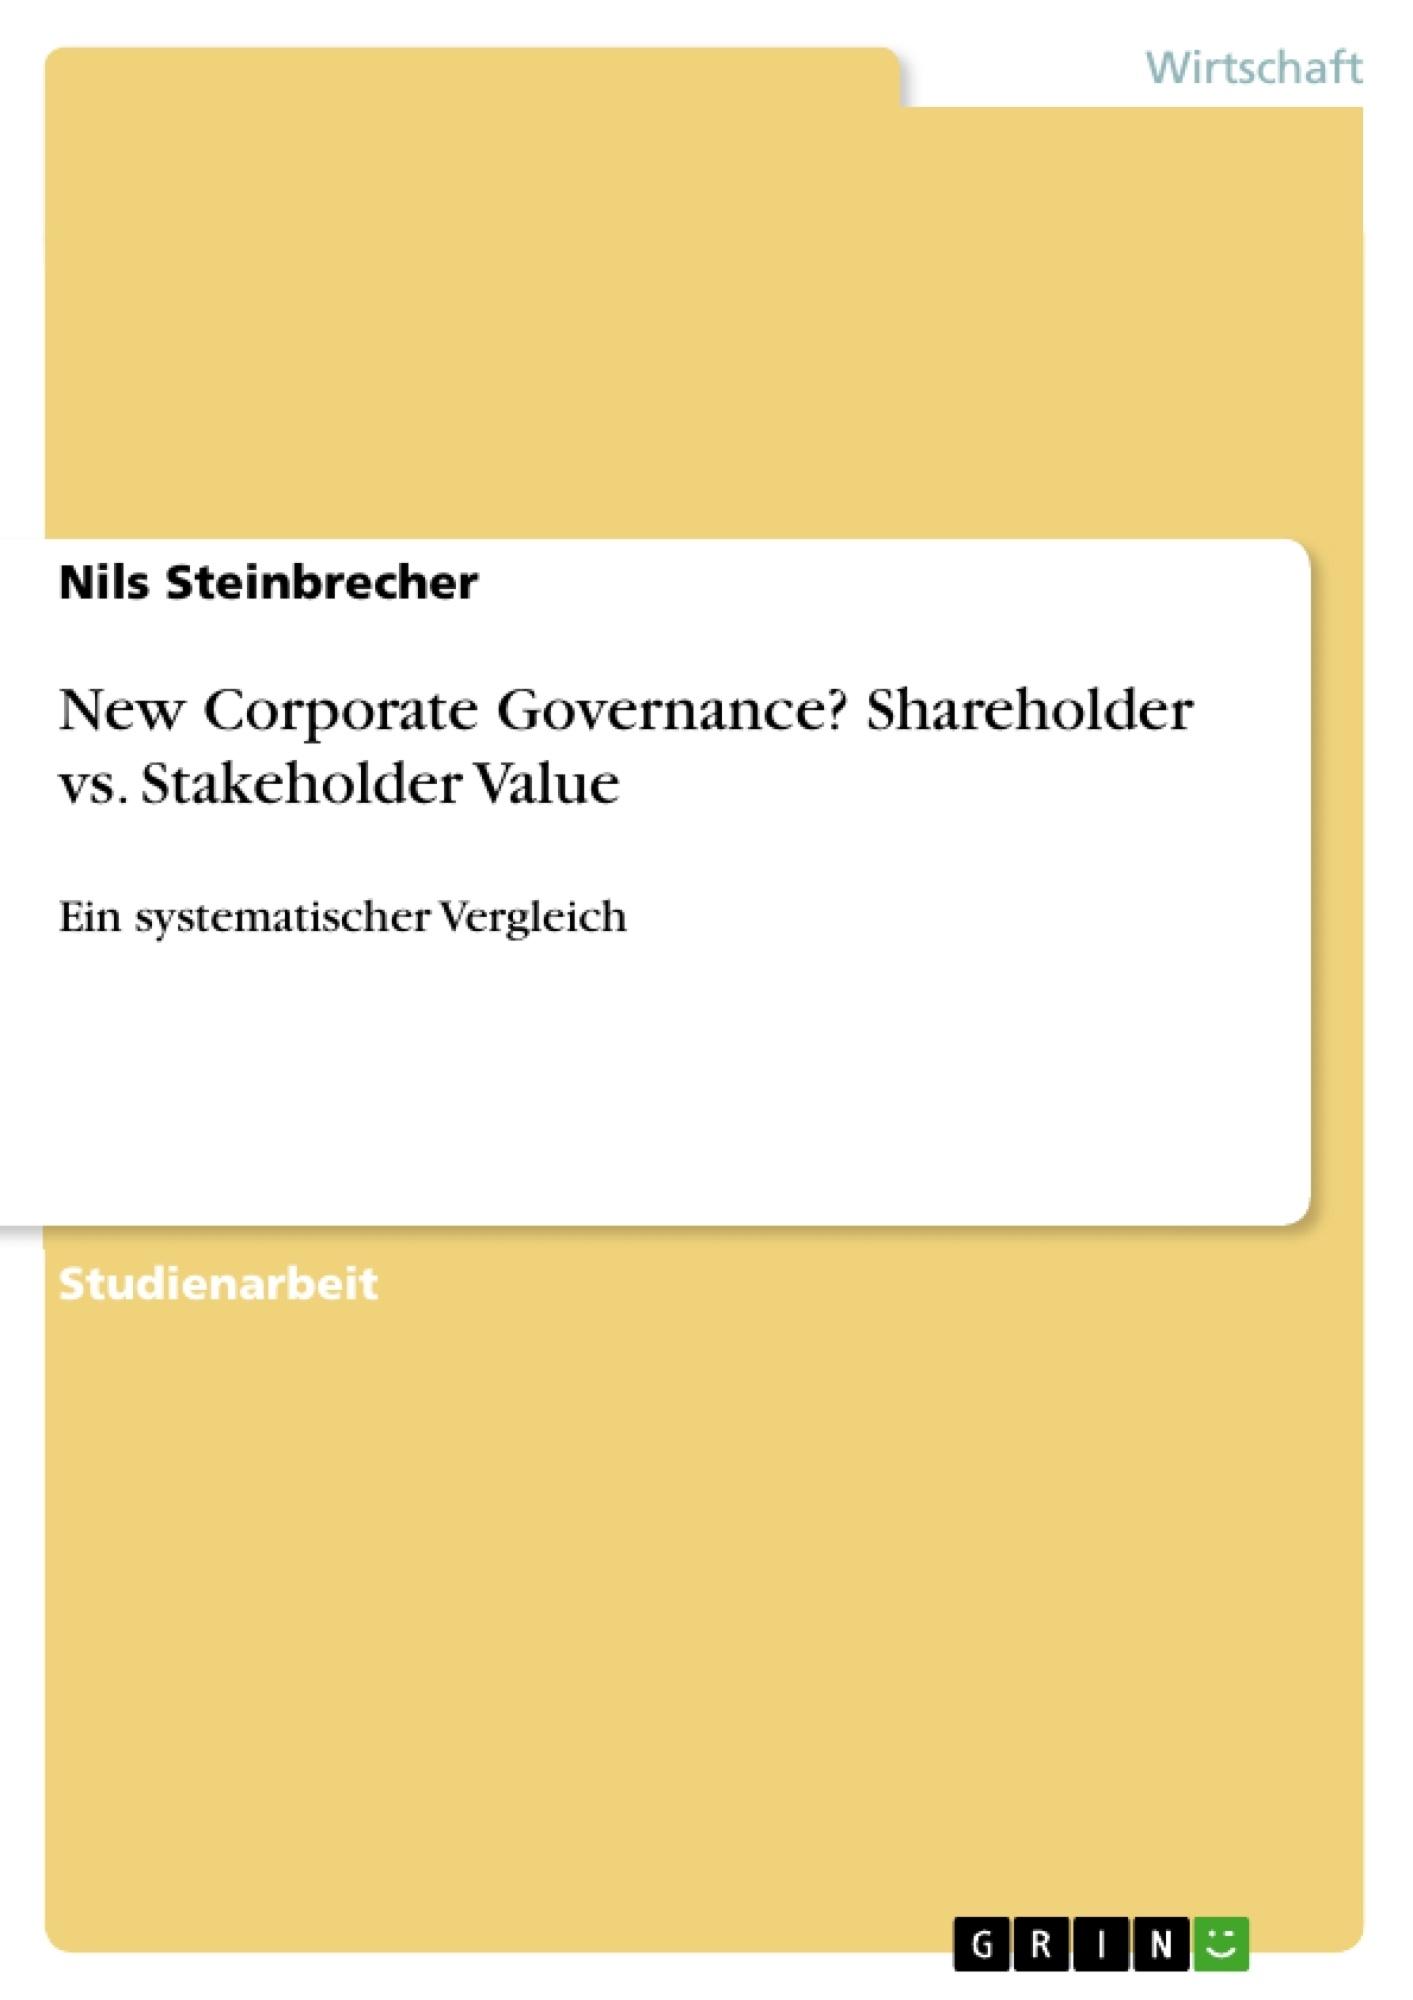 Titel: New Corporate Governance? Shareholder vs. Stakeholder Value